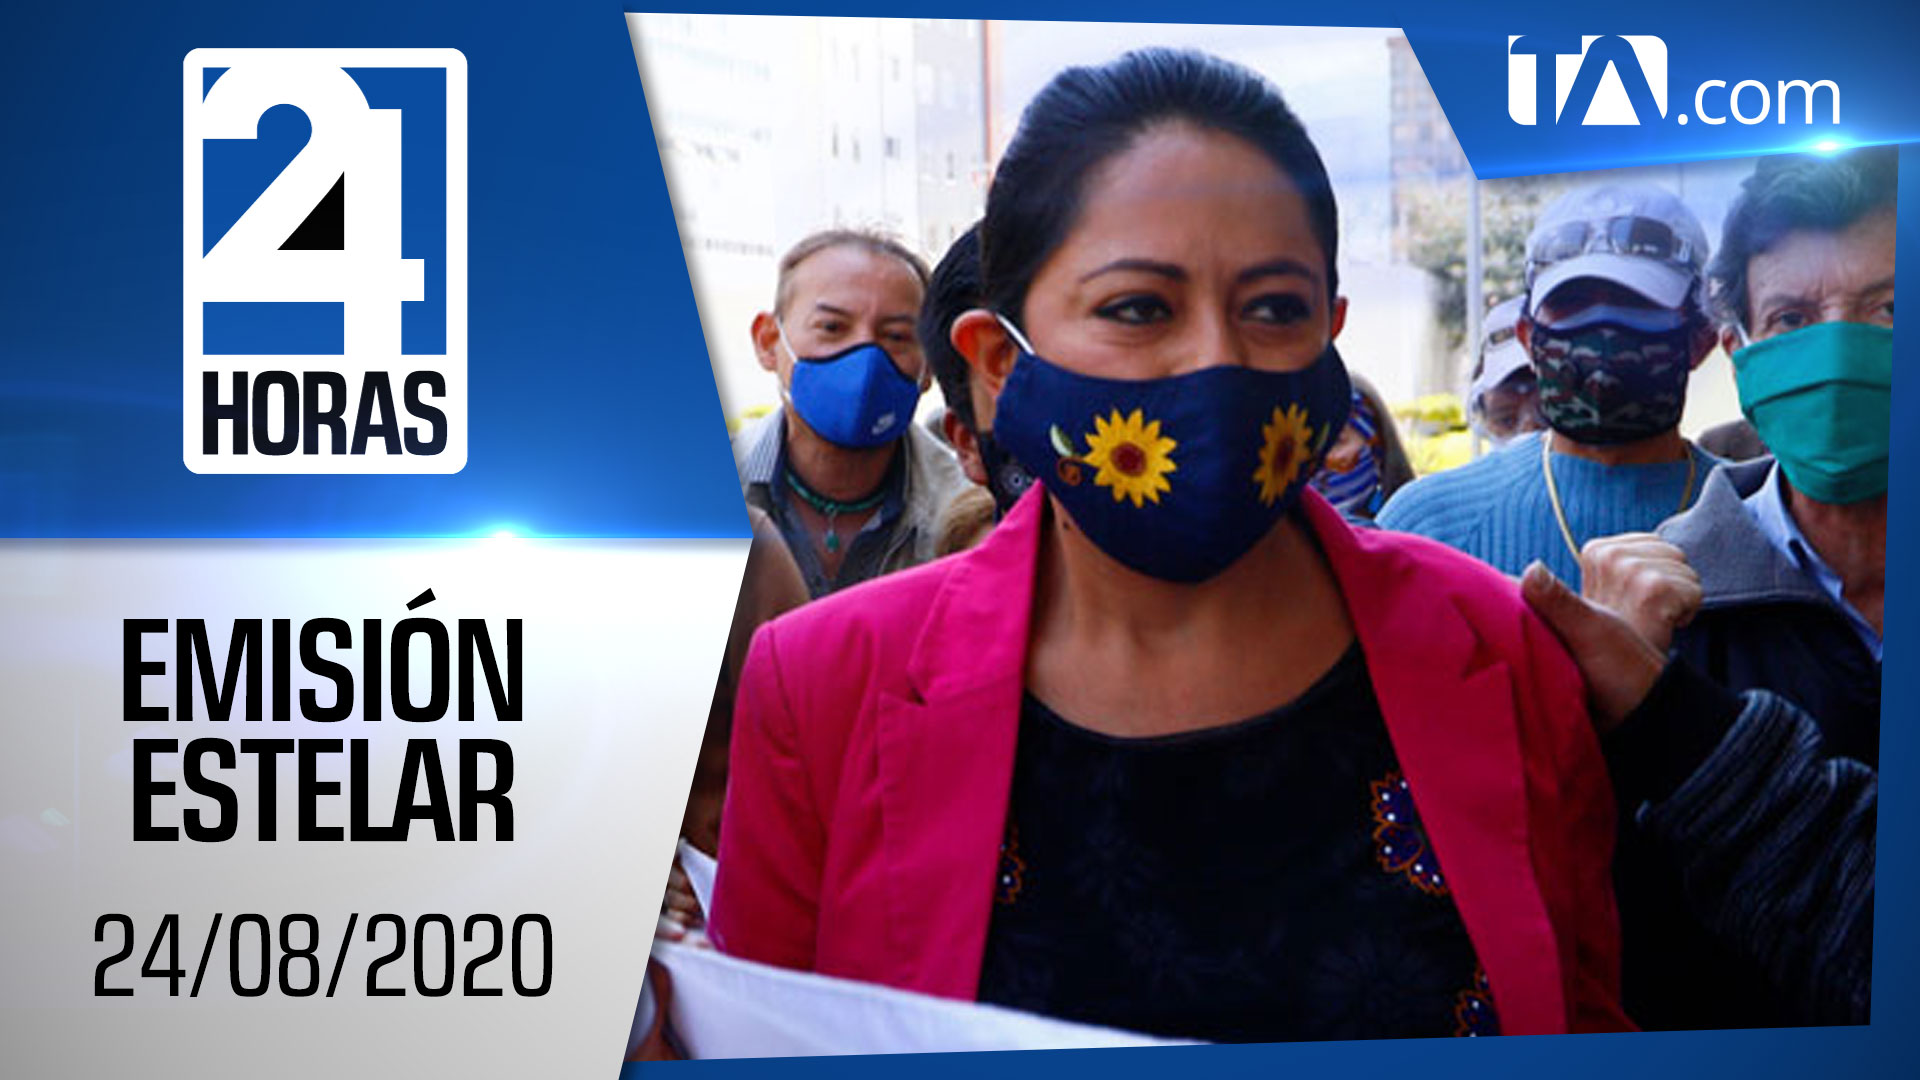 Noticias Ecuador: Noticiero 24 Horas, 24/08/2020 (Emisión Estelar)